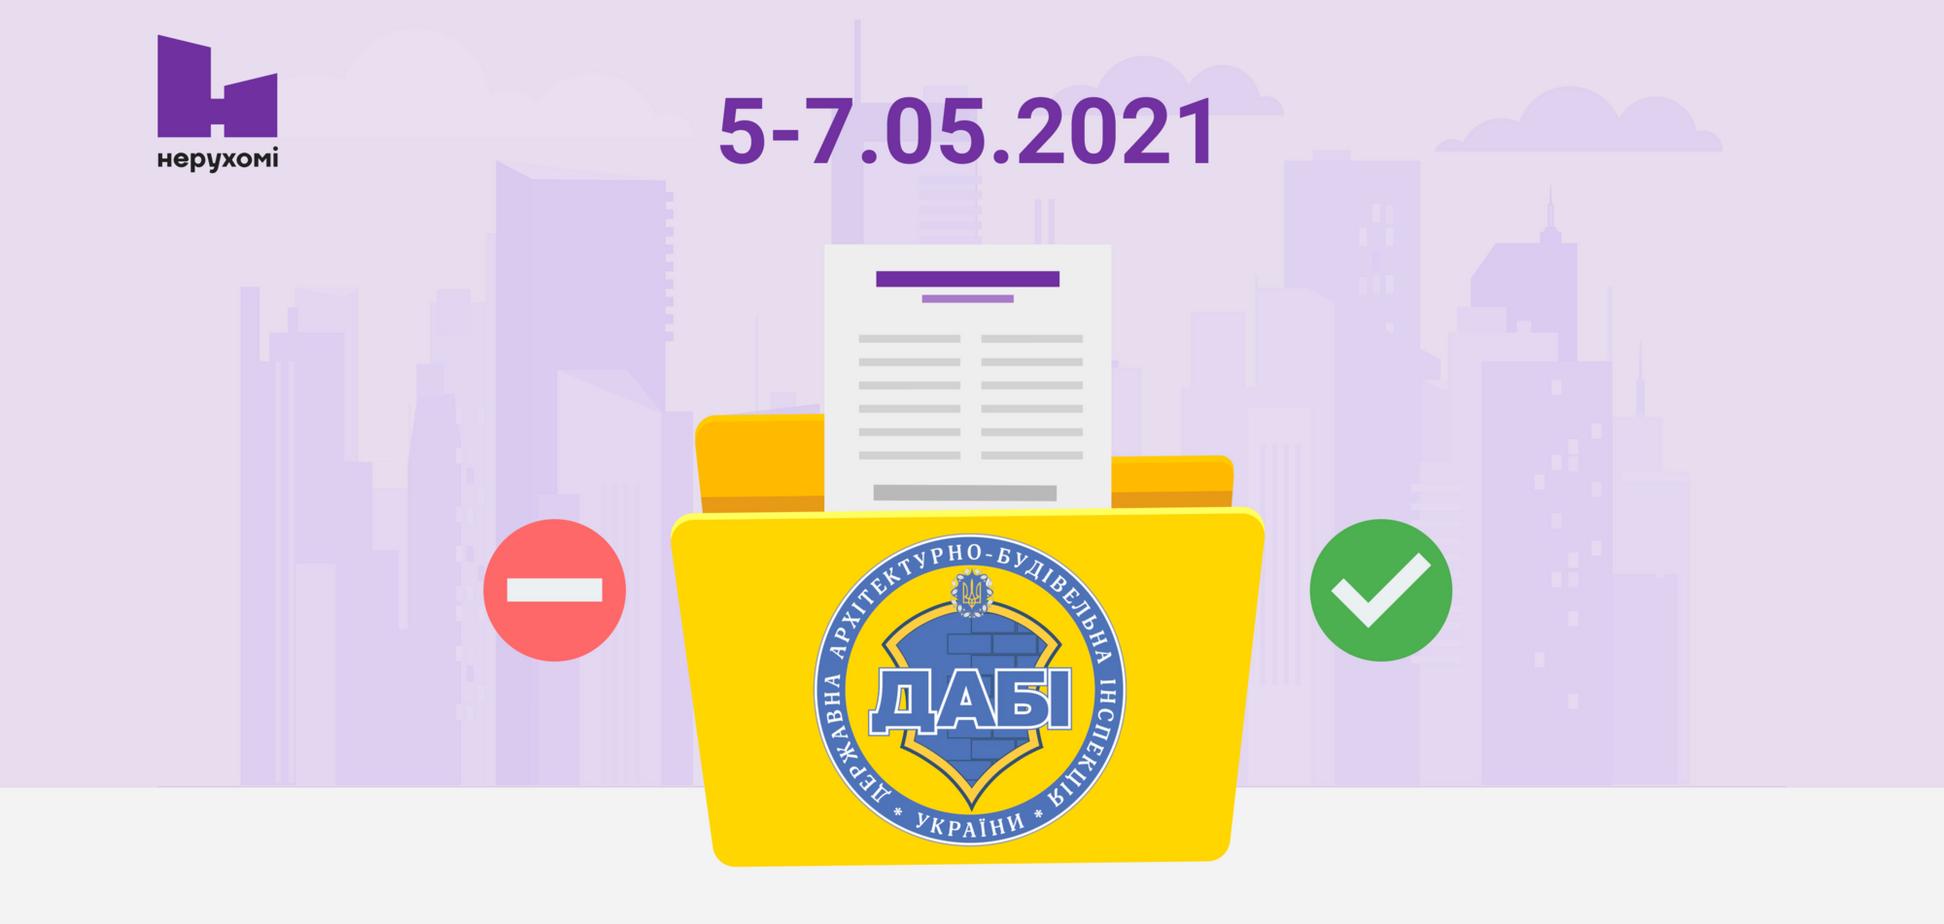 ЖК і ДАБІ: тижневий огляд виданих дозволів та сертифікатів